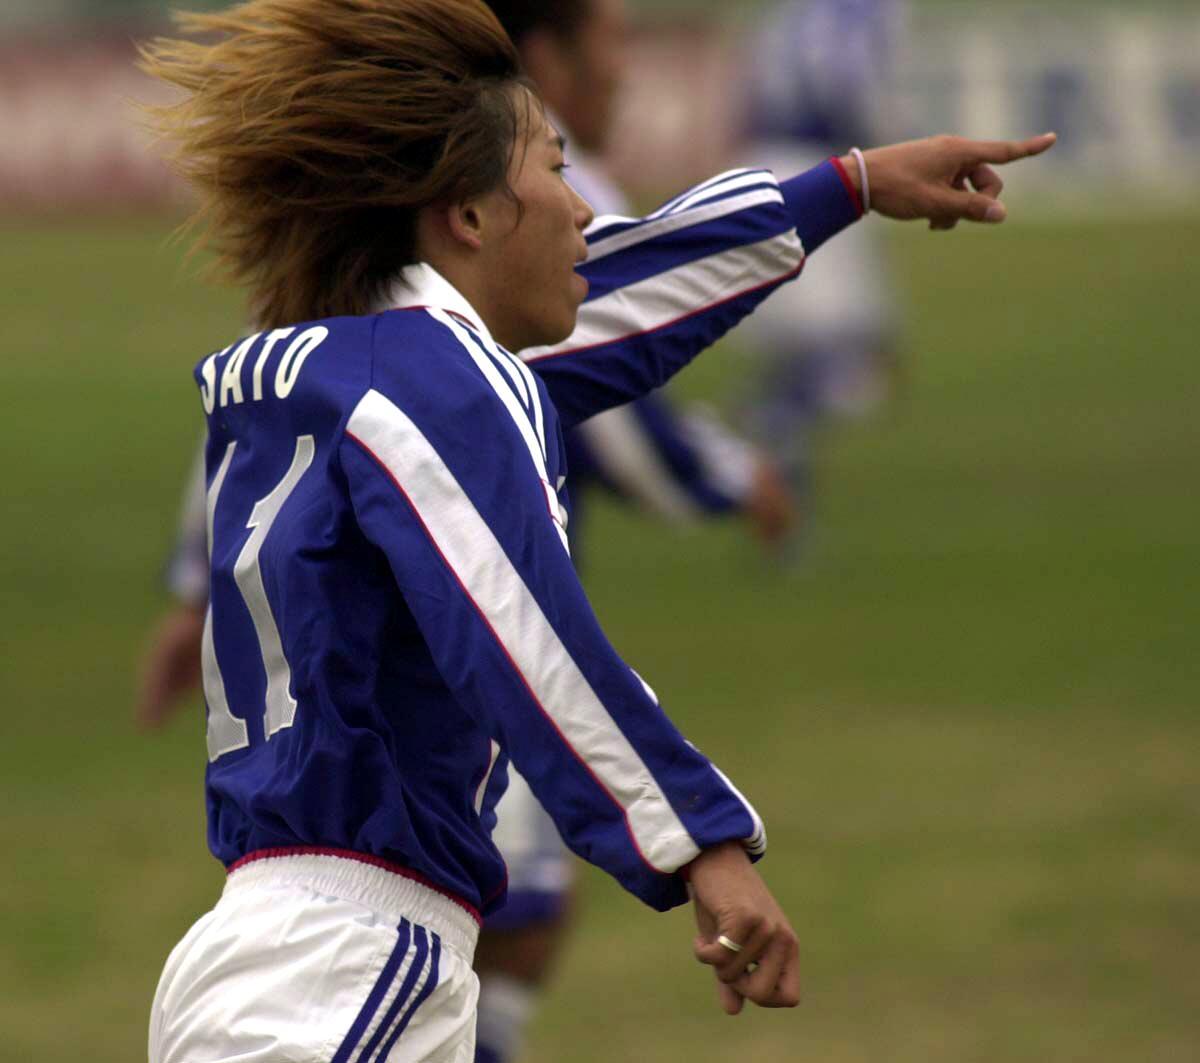 アジアユース選手権 1次リーグ日本対タイ 前半15分、佐藤寿人は1点目のゴールを決め喜ぶ(2000年11月15日撮影)